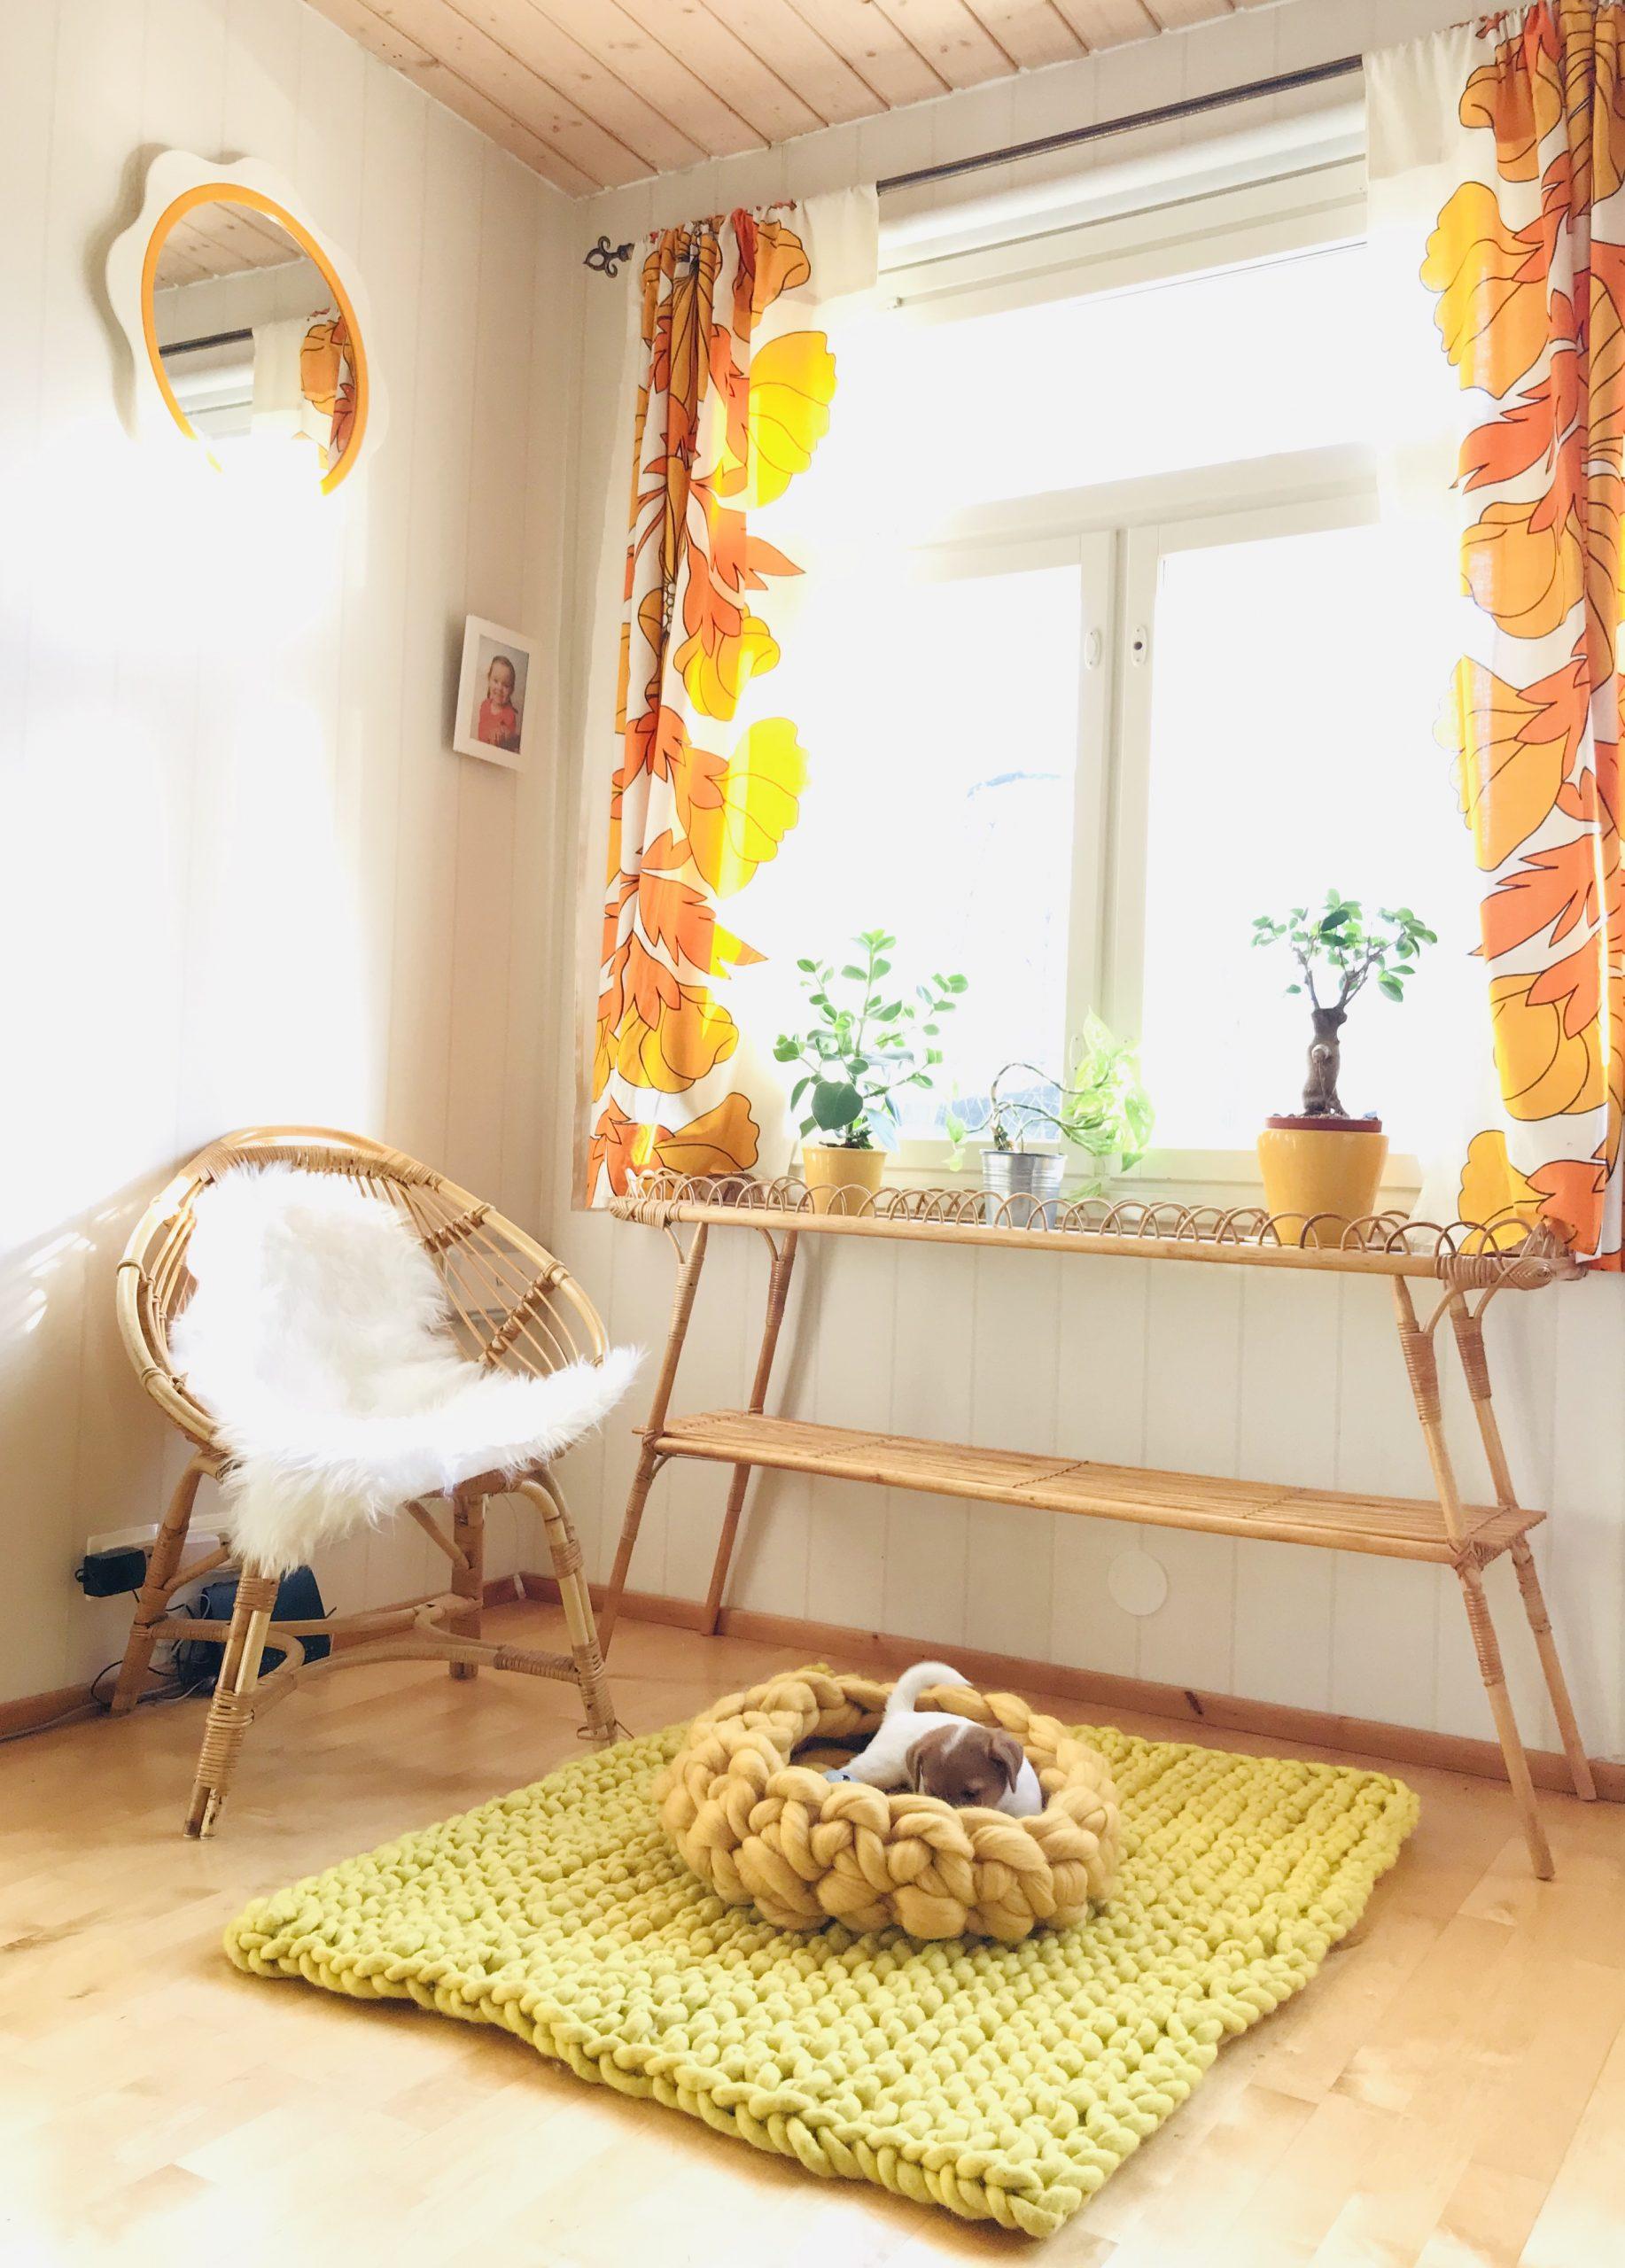 Elluyellow keltainen sukhi-matto rottinki sisustuksessa